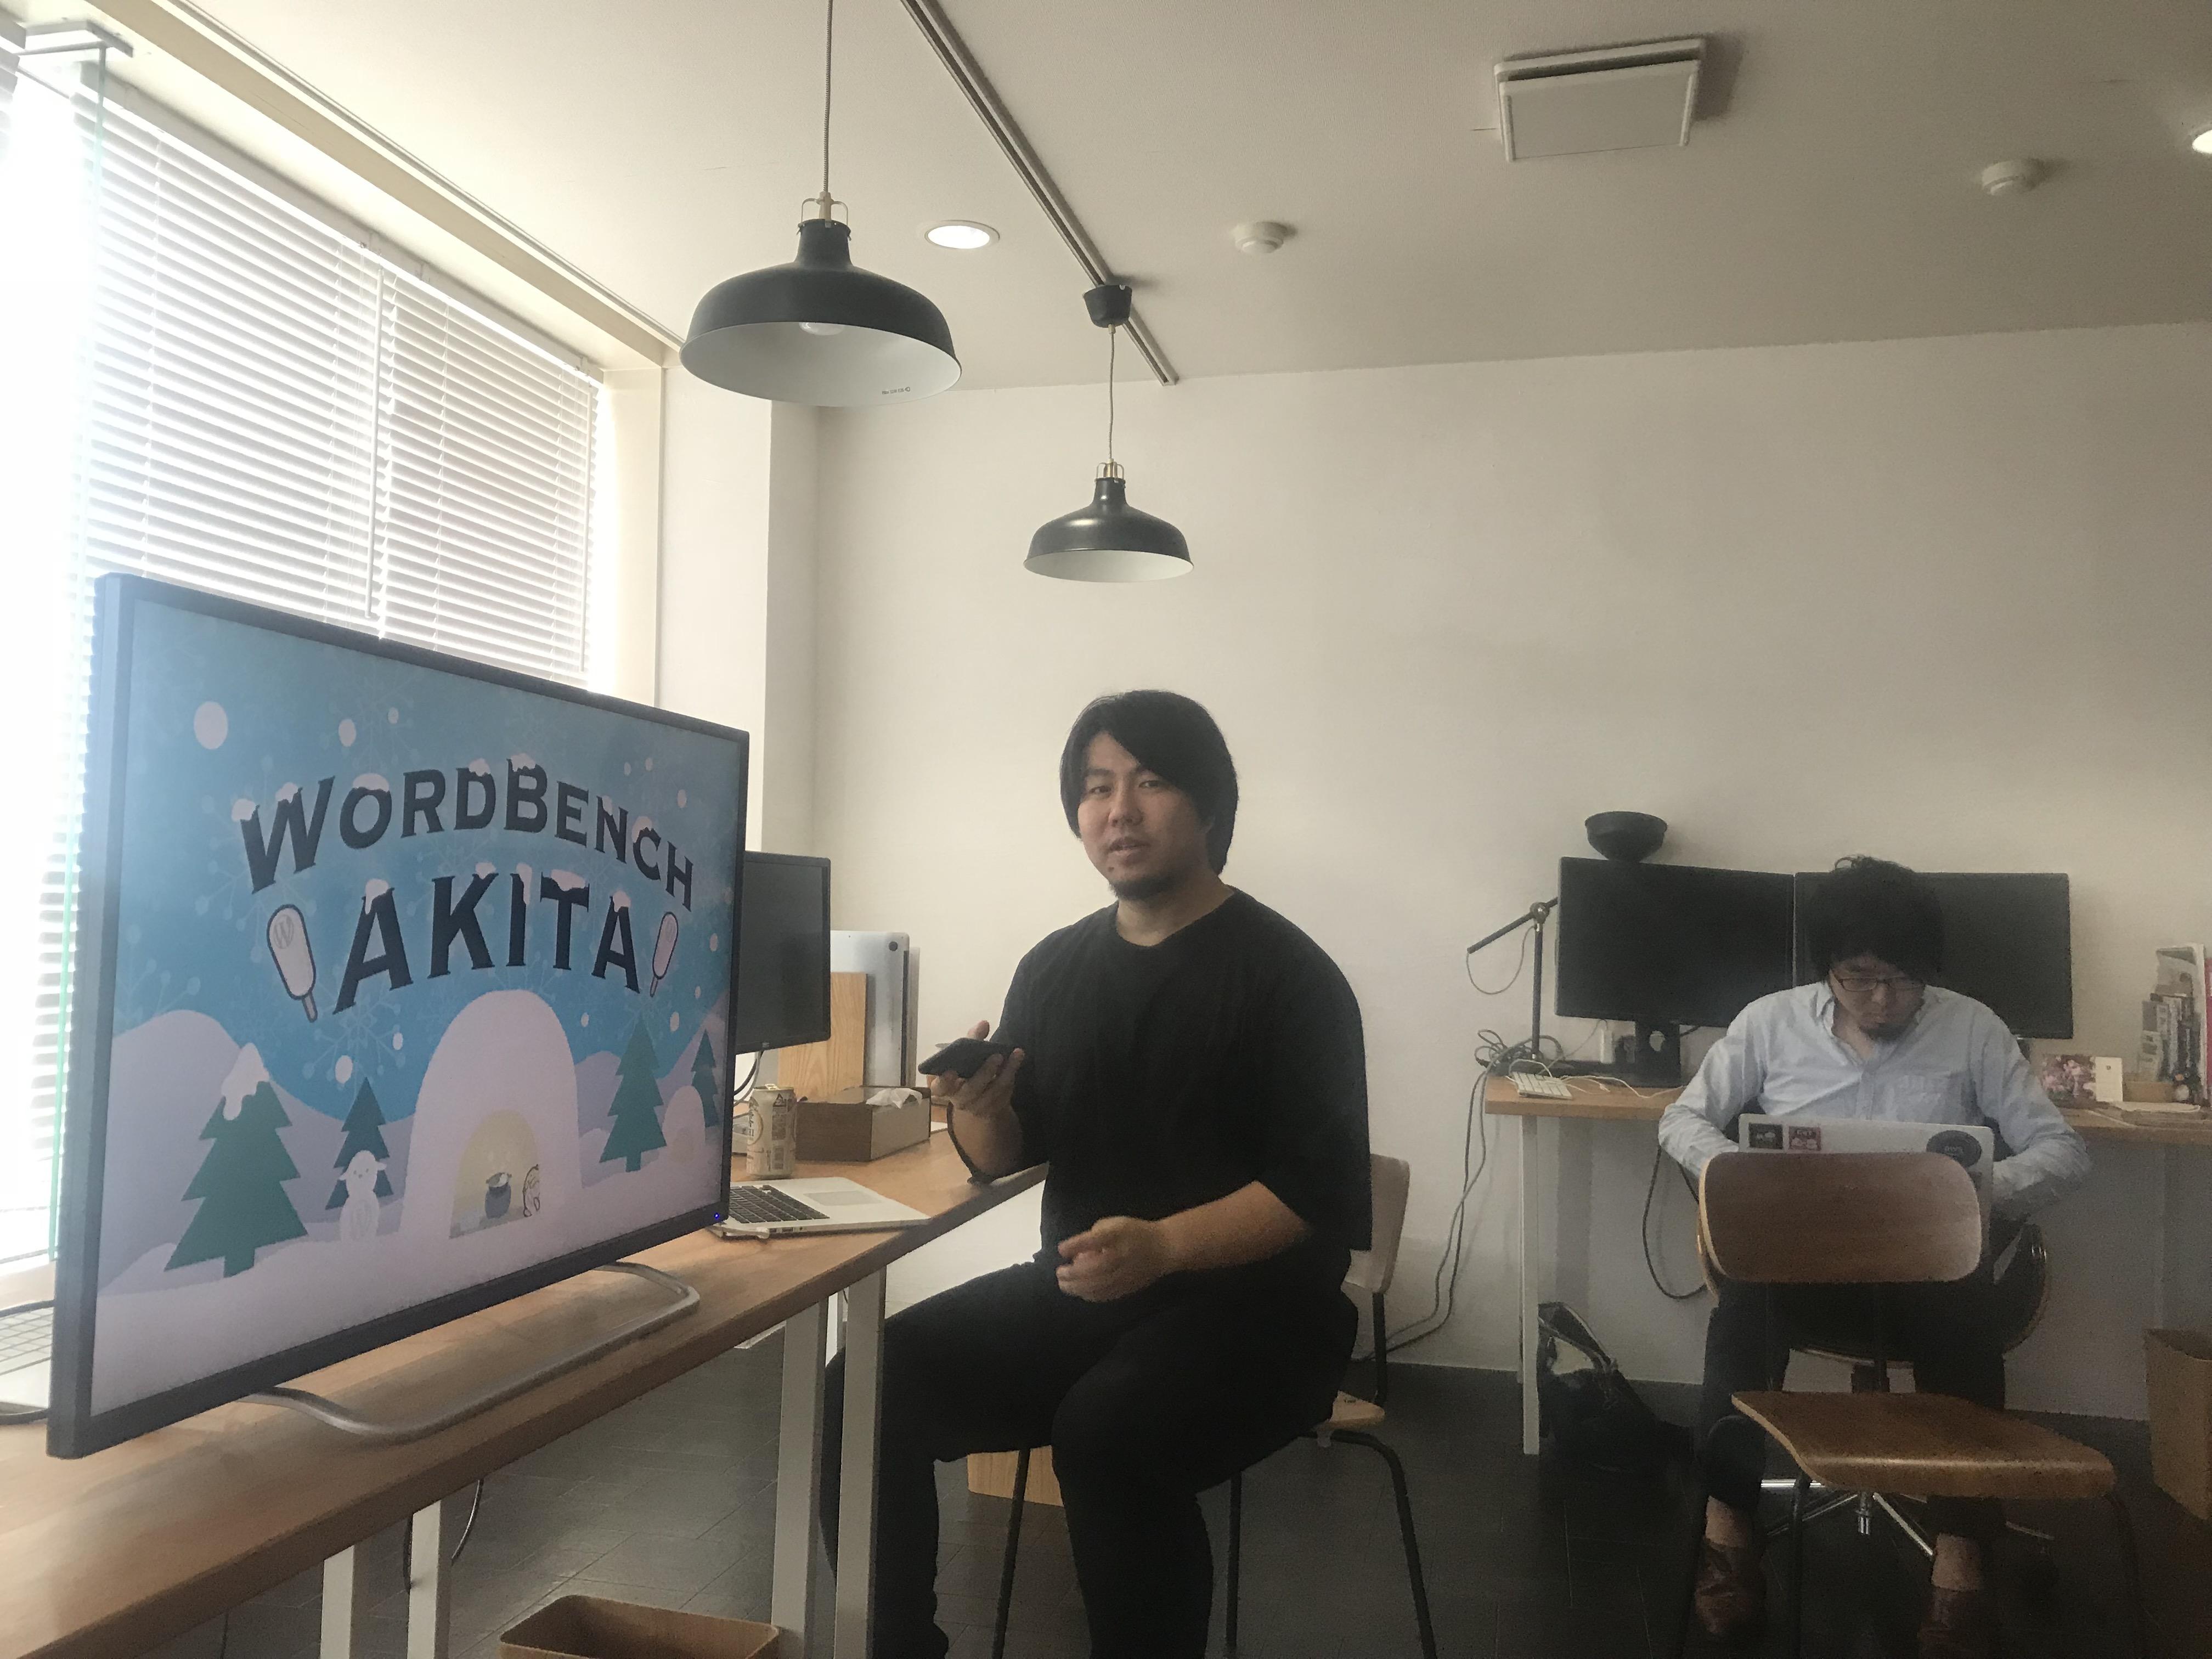 WordBench 秋田 vol.5 にて WordPress と自分の関わりを振り返ってみる